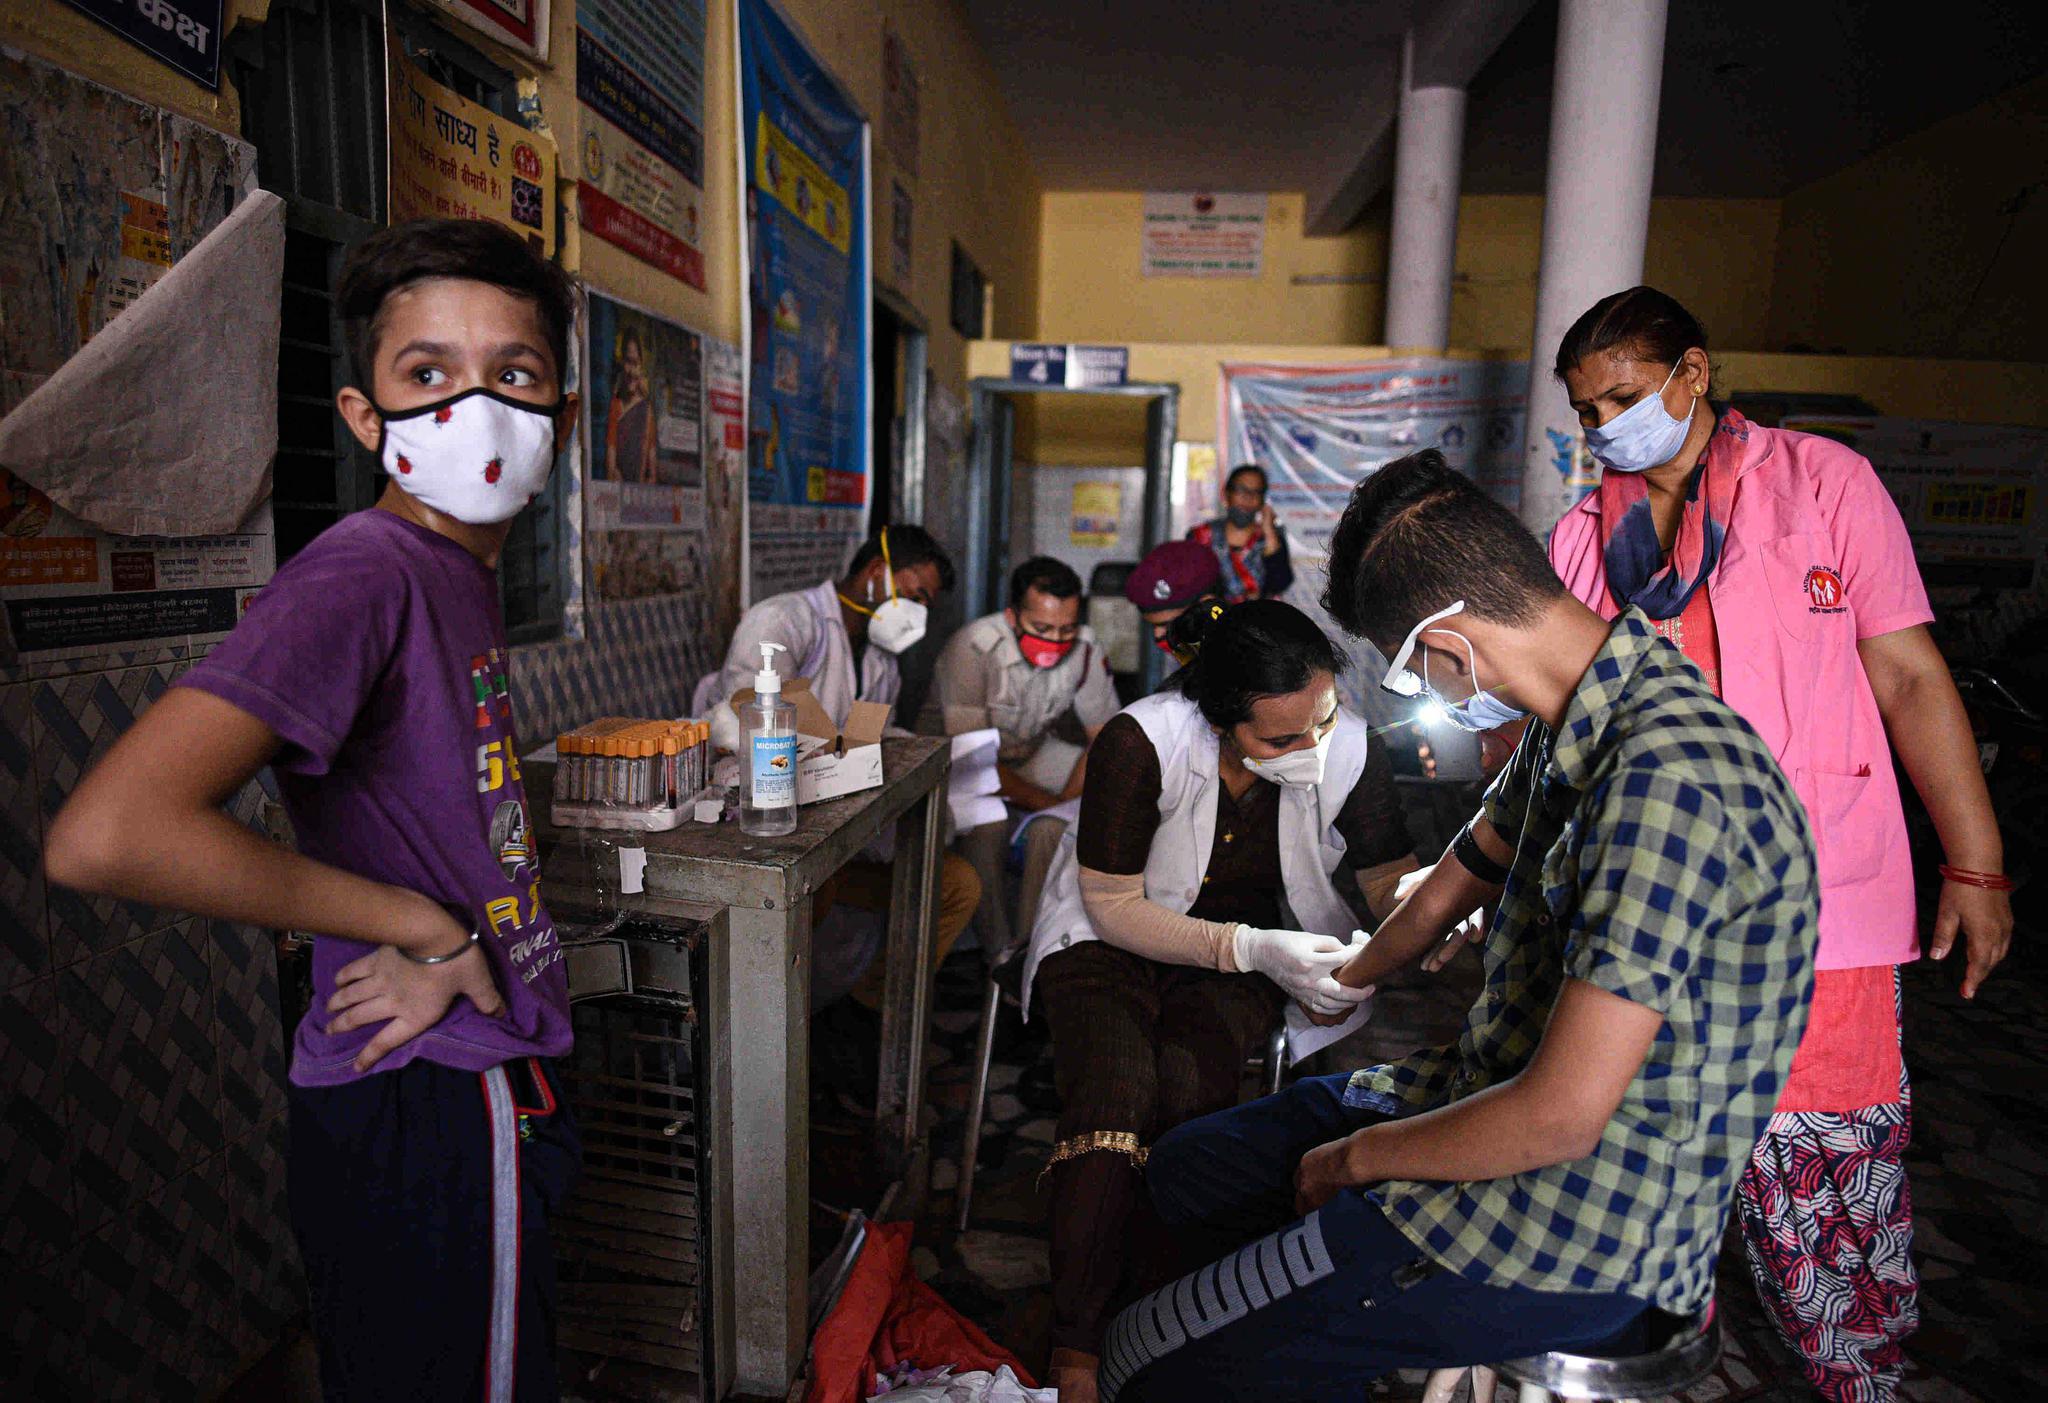 印度新增97570例新冠肺炎确诊病例 累计超465万例